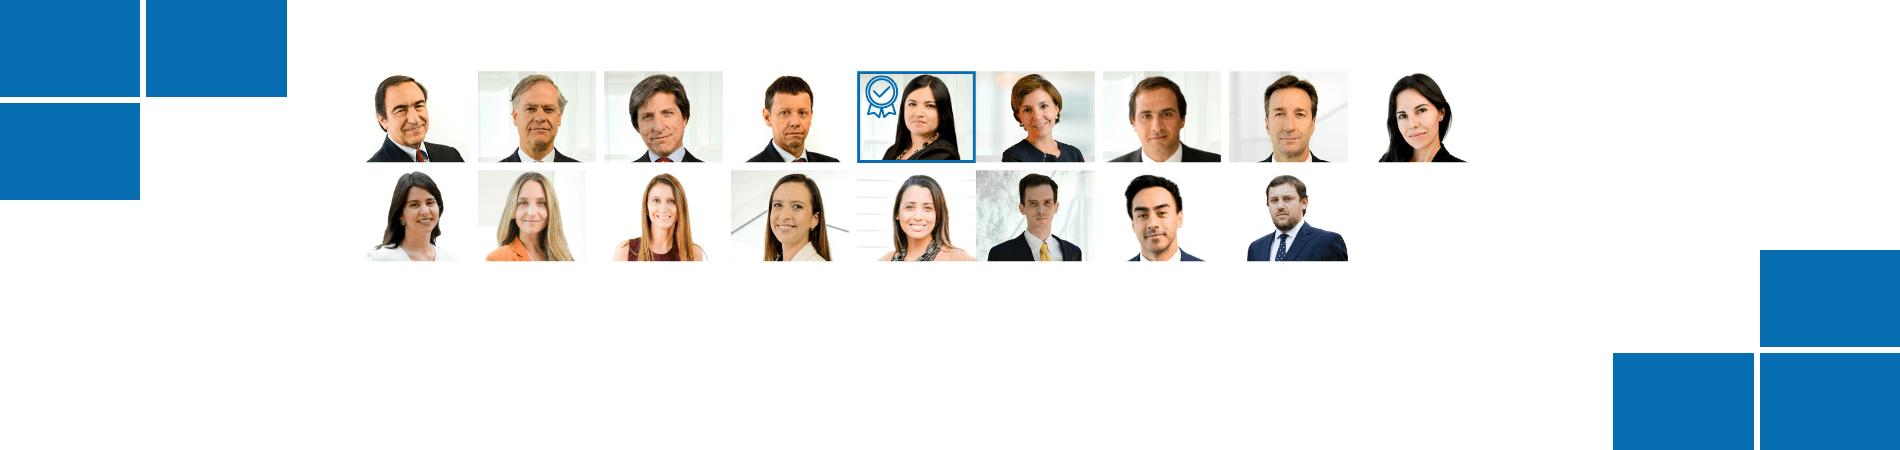 Best Lawyers™ 2021: 17 abogados reconocidos en 20 áreas de práctica y Myriam Barahona «Lawyer of the Year» en Financiamiento y Desarrollo de Proyectos